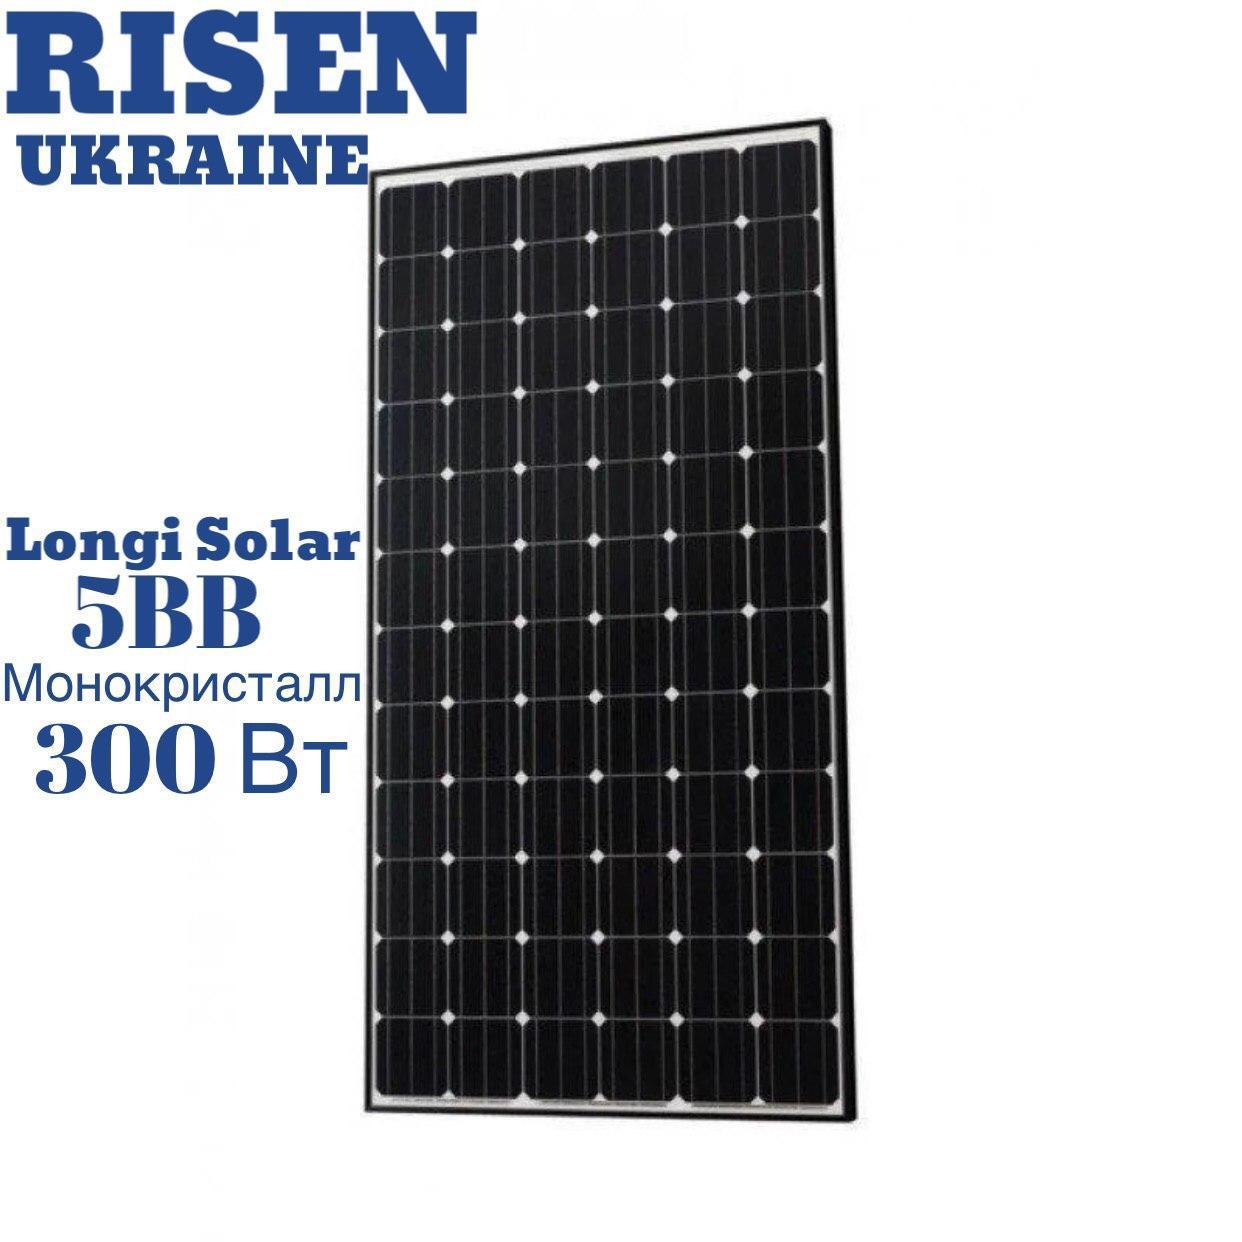 Сонячна панель Longi Solar LR6-60PE-300M, 5bb